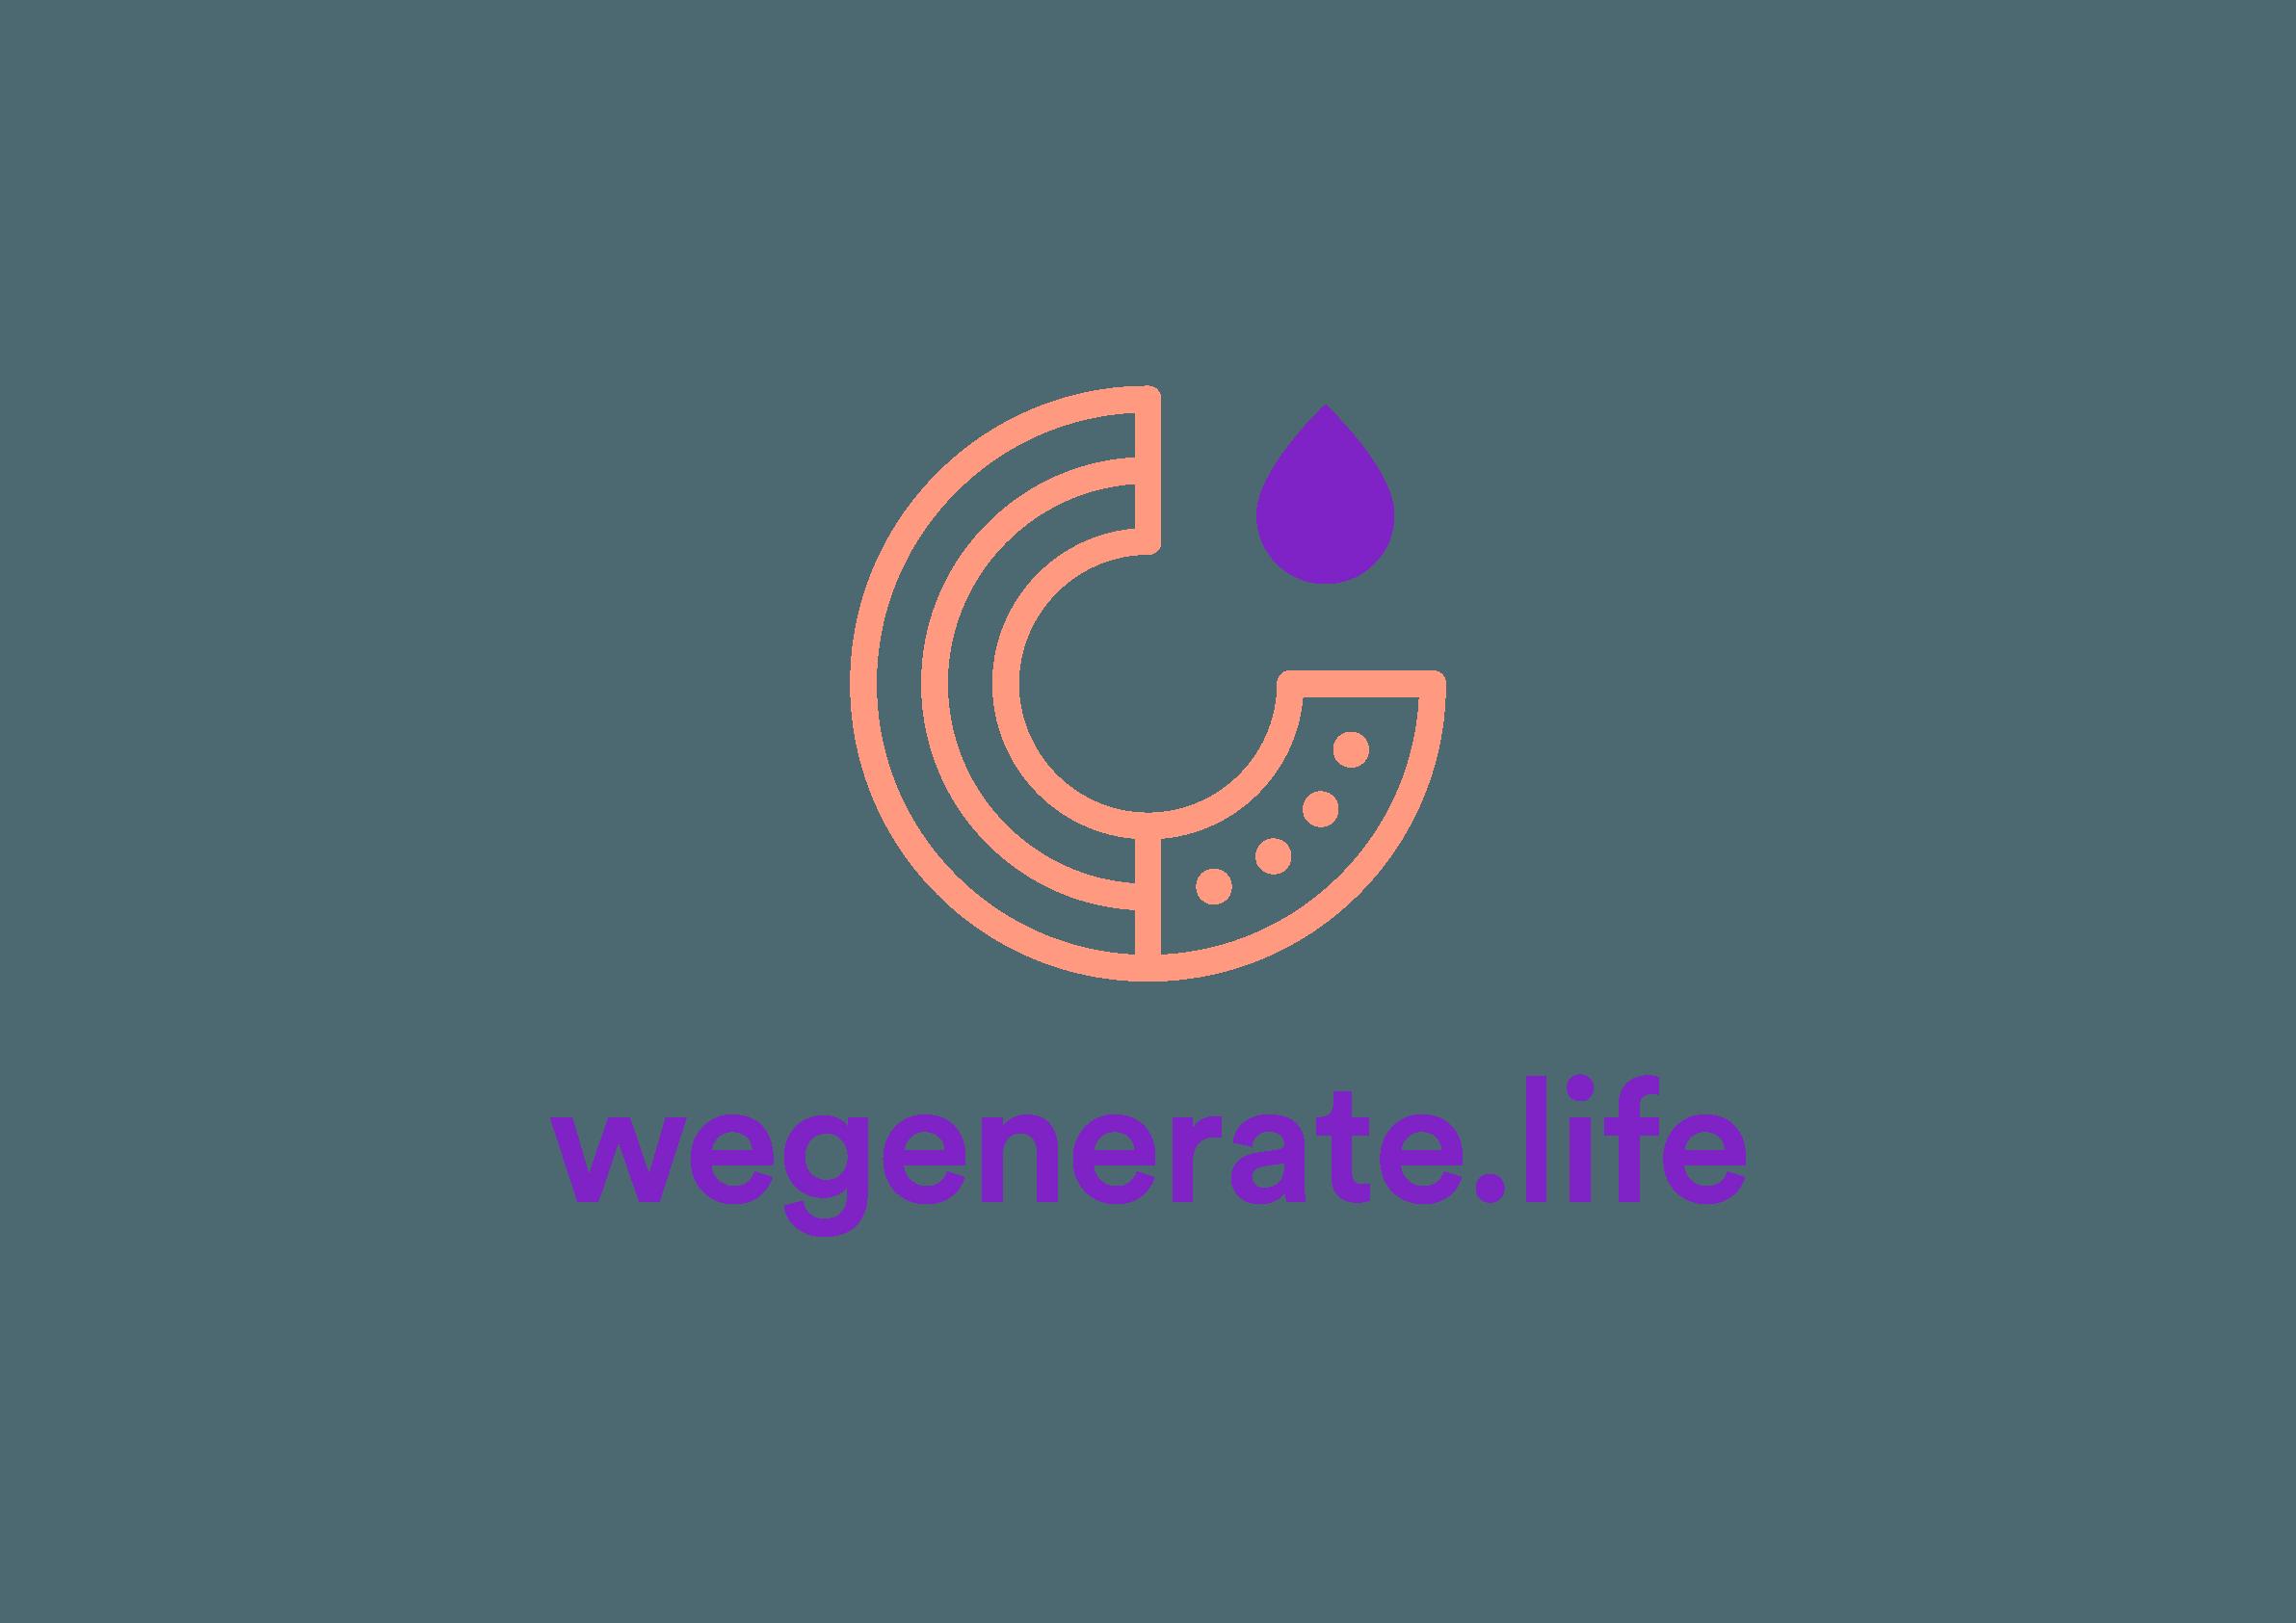 Wegenerate Life